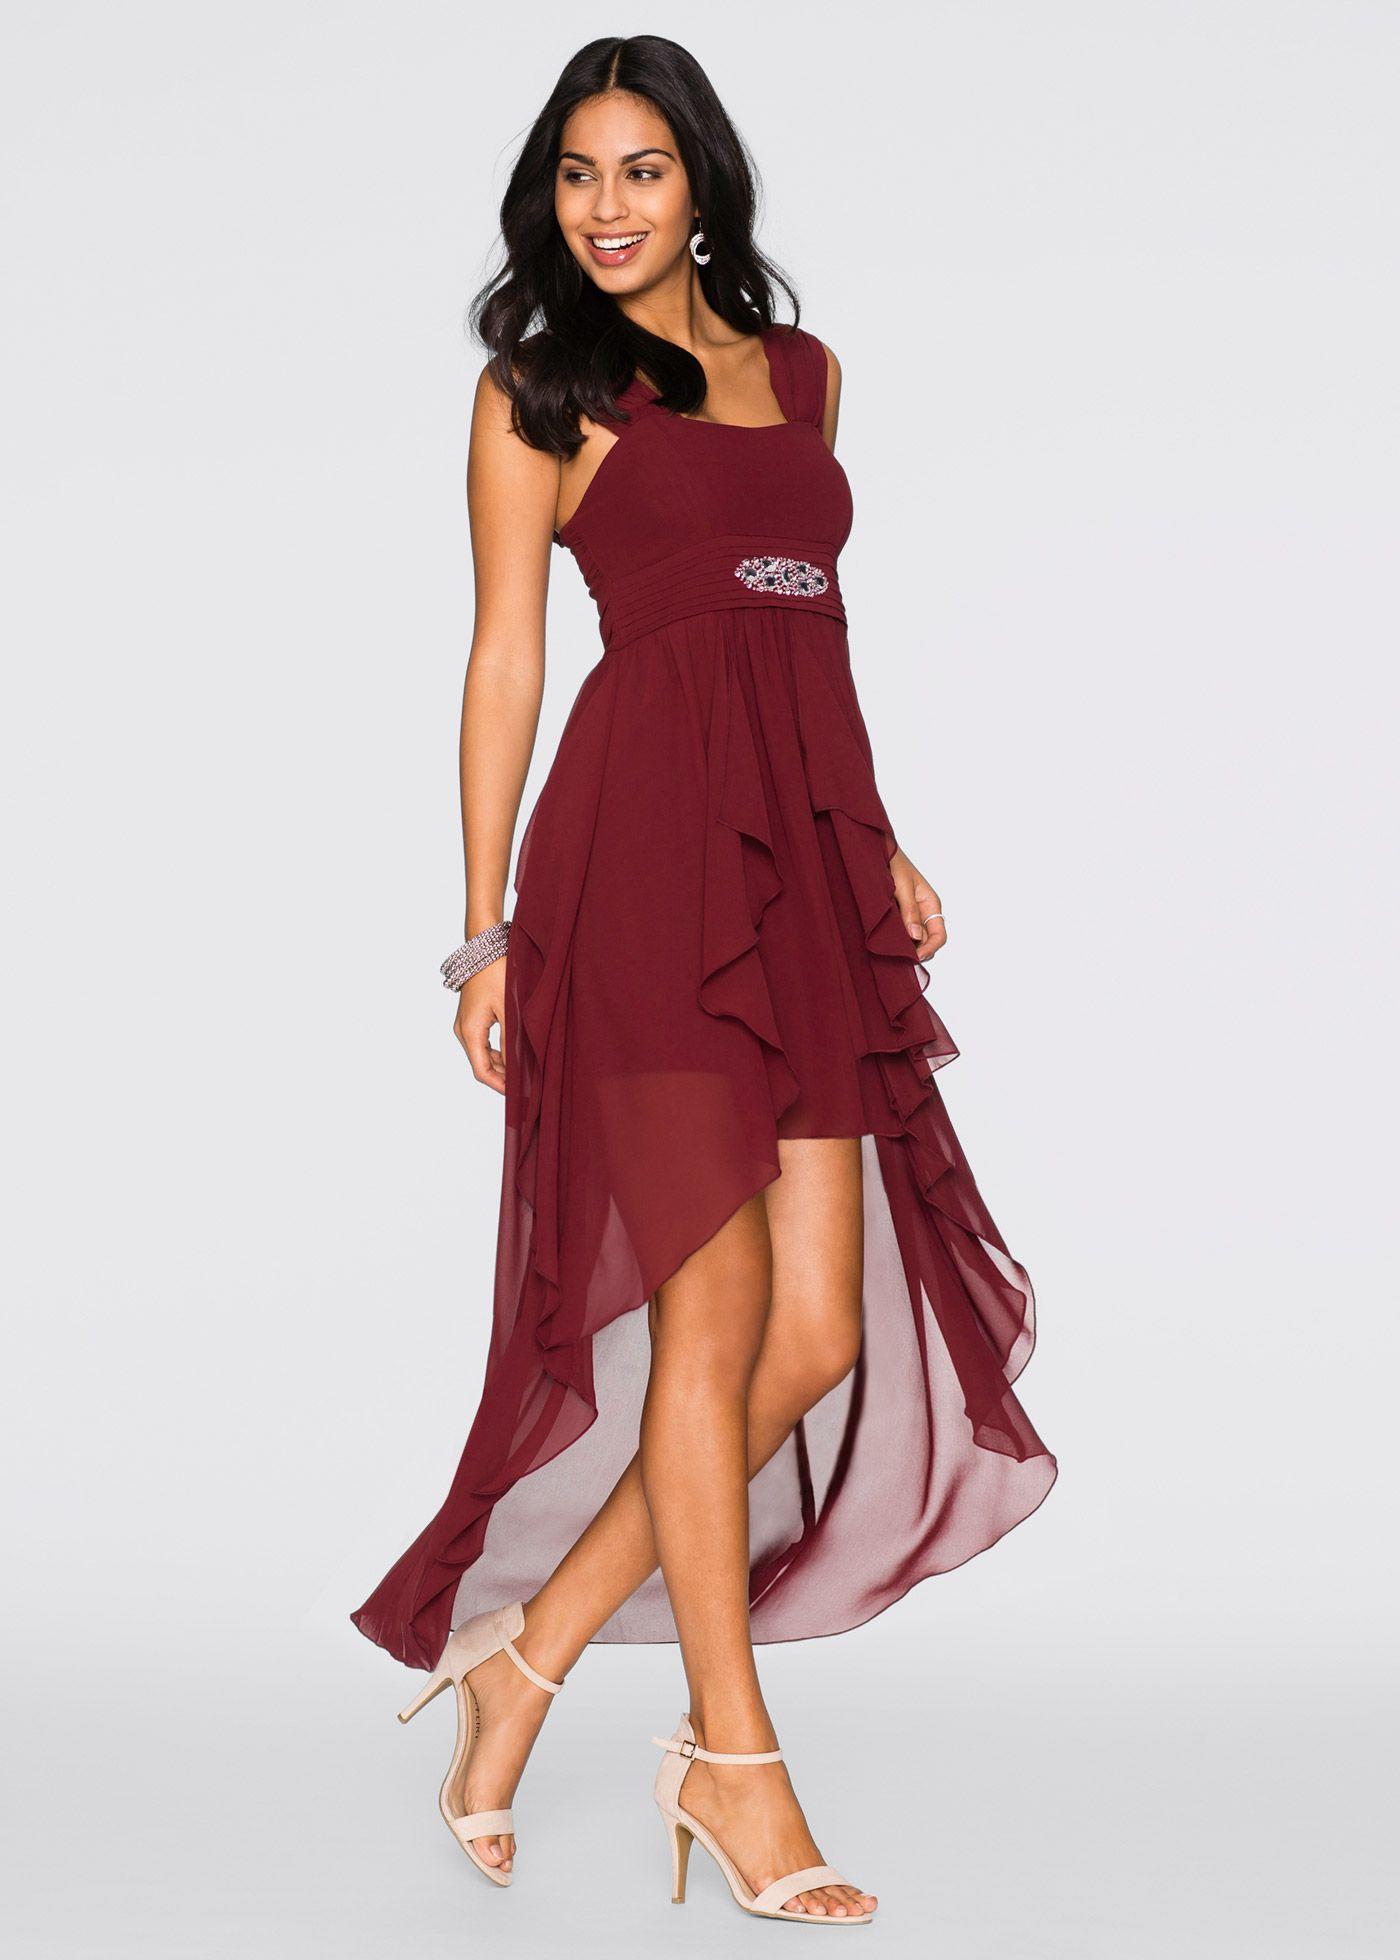 Kleid vorne kurz hinten lang bonprix